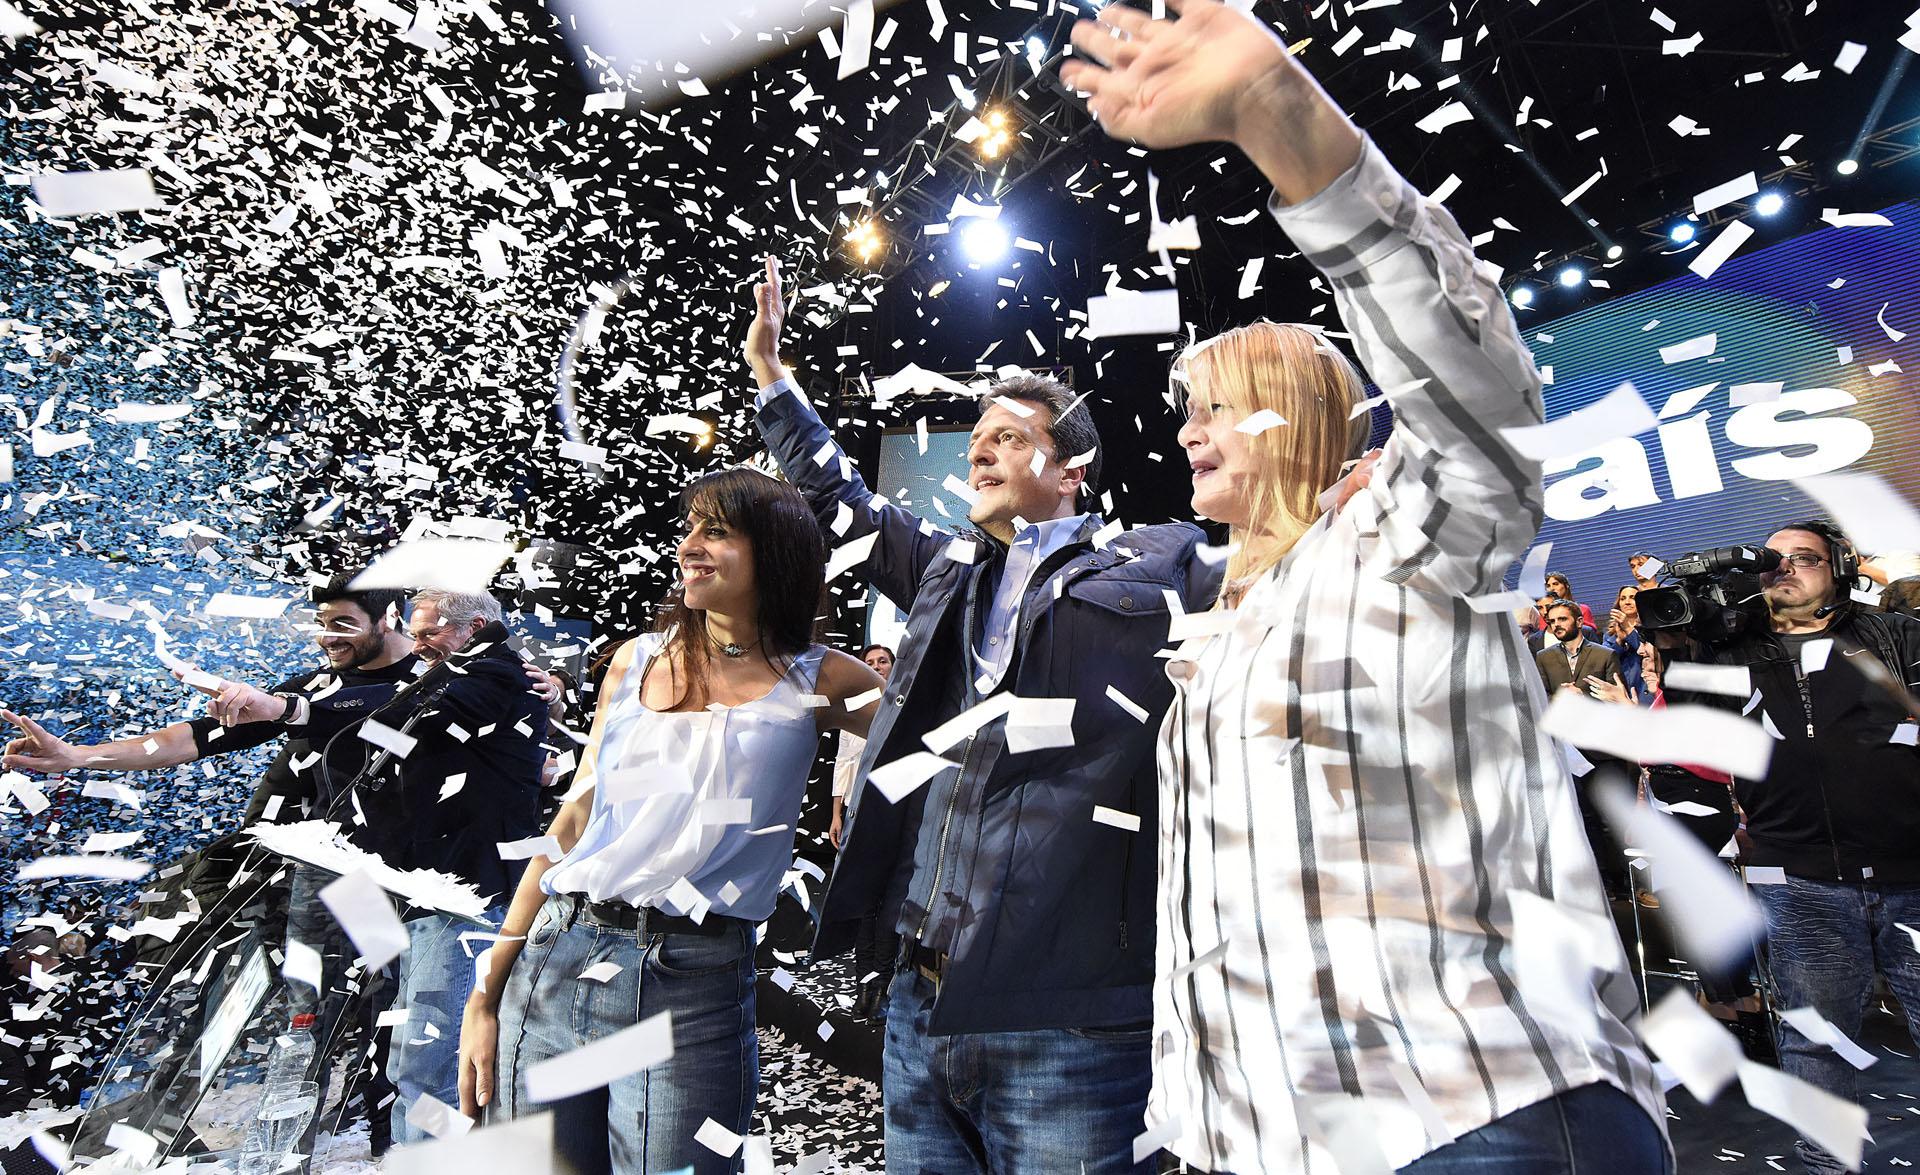 El diputado Sergio Massa oficializó la incorporación de Victoria Donda y su partido Libres del Sur al espacio político que el líder del Frente Renovador comparte con Margarita Stolbizer, ambas mujeres optaron por prendas tradicionales, camisa y denim.